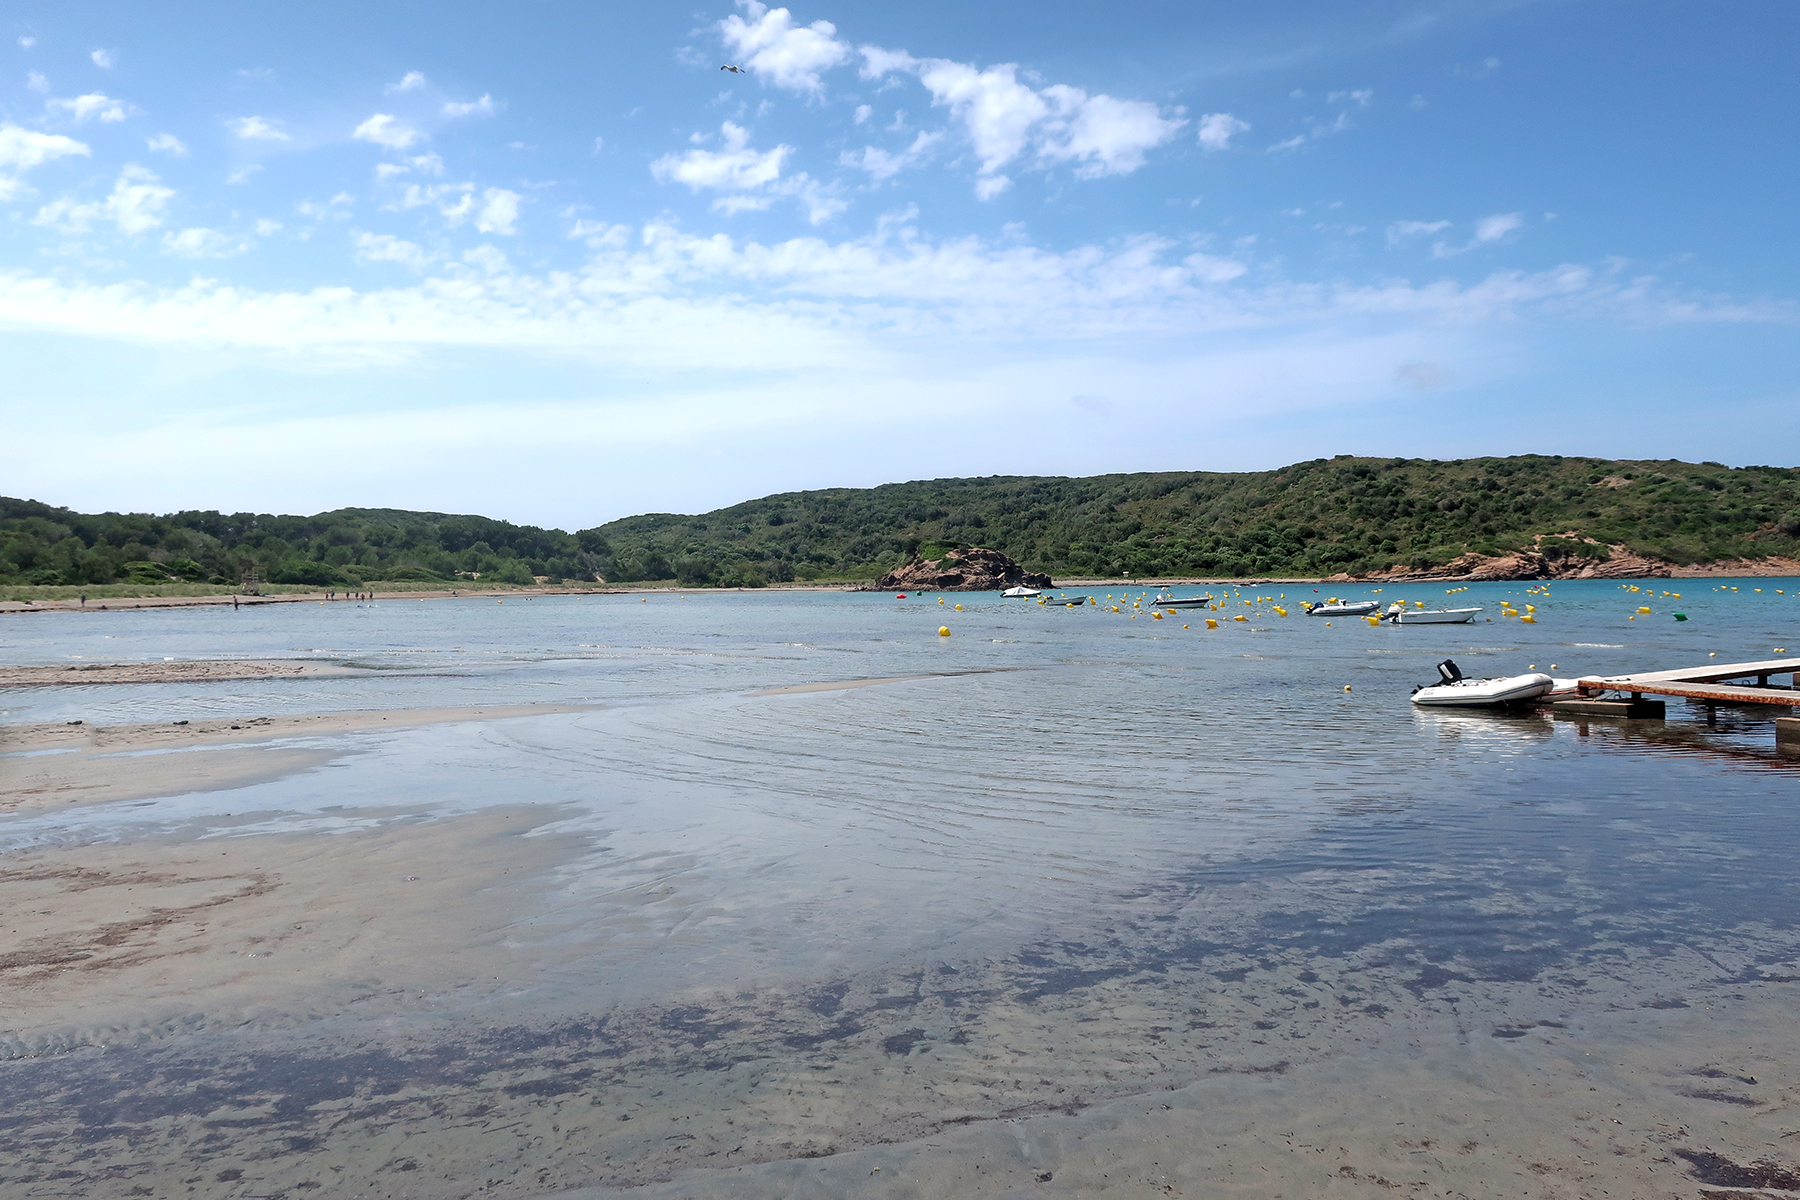 Beach-Guide Menorca: Die 16 schönsten Strände auf Menorca